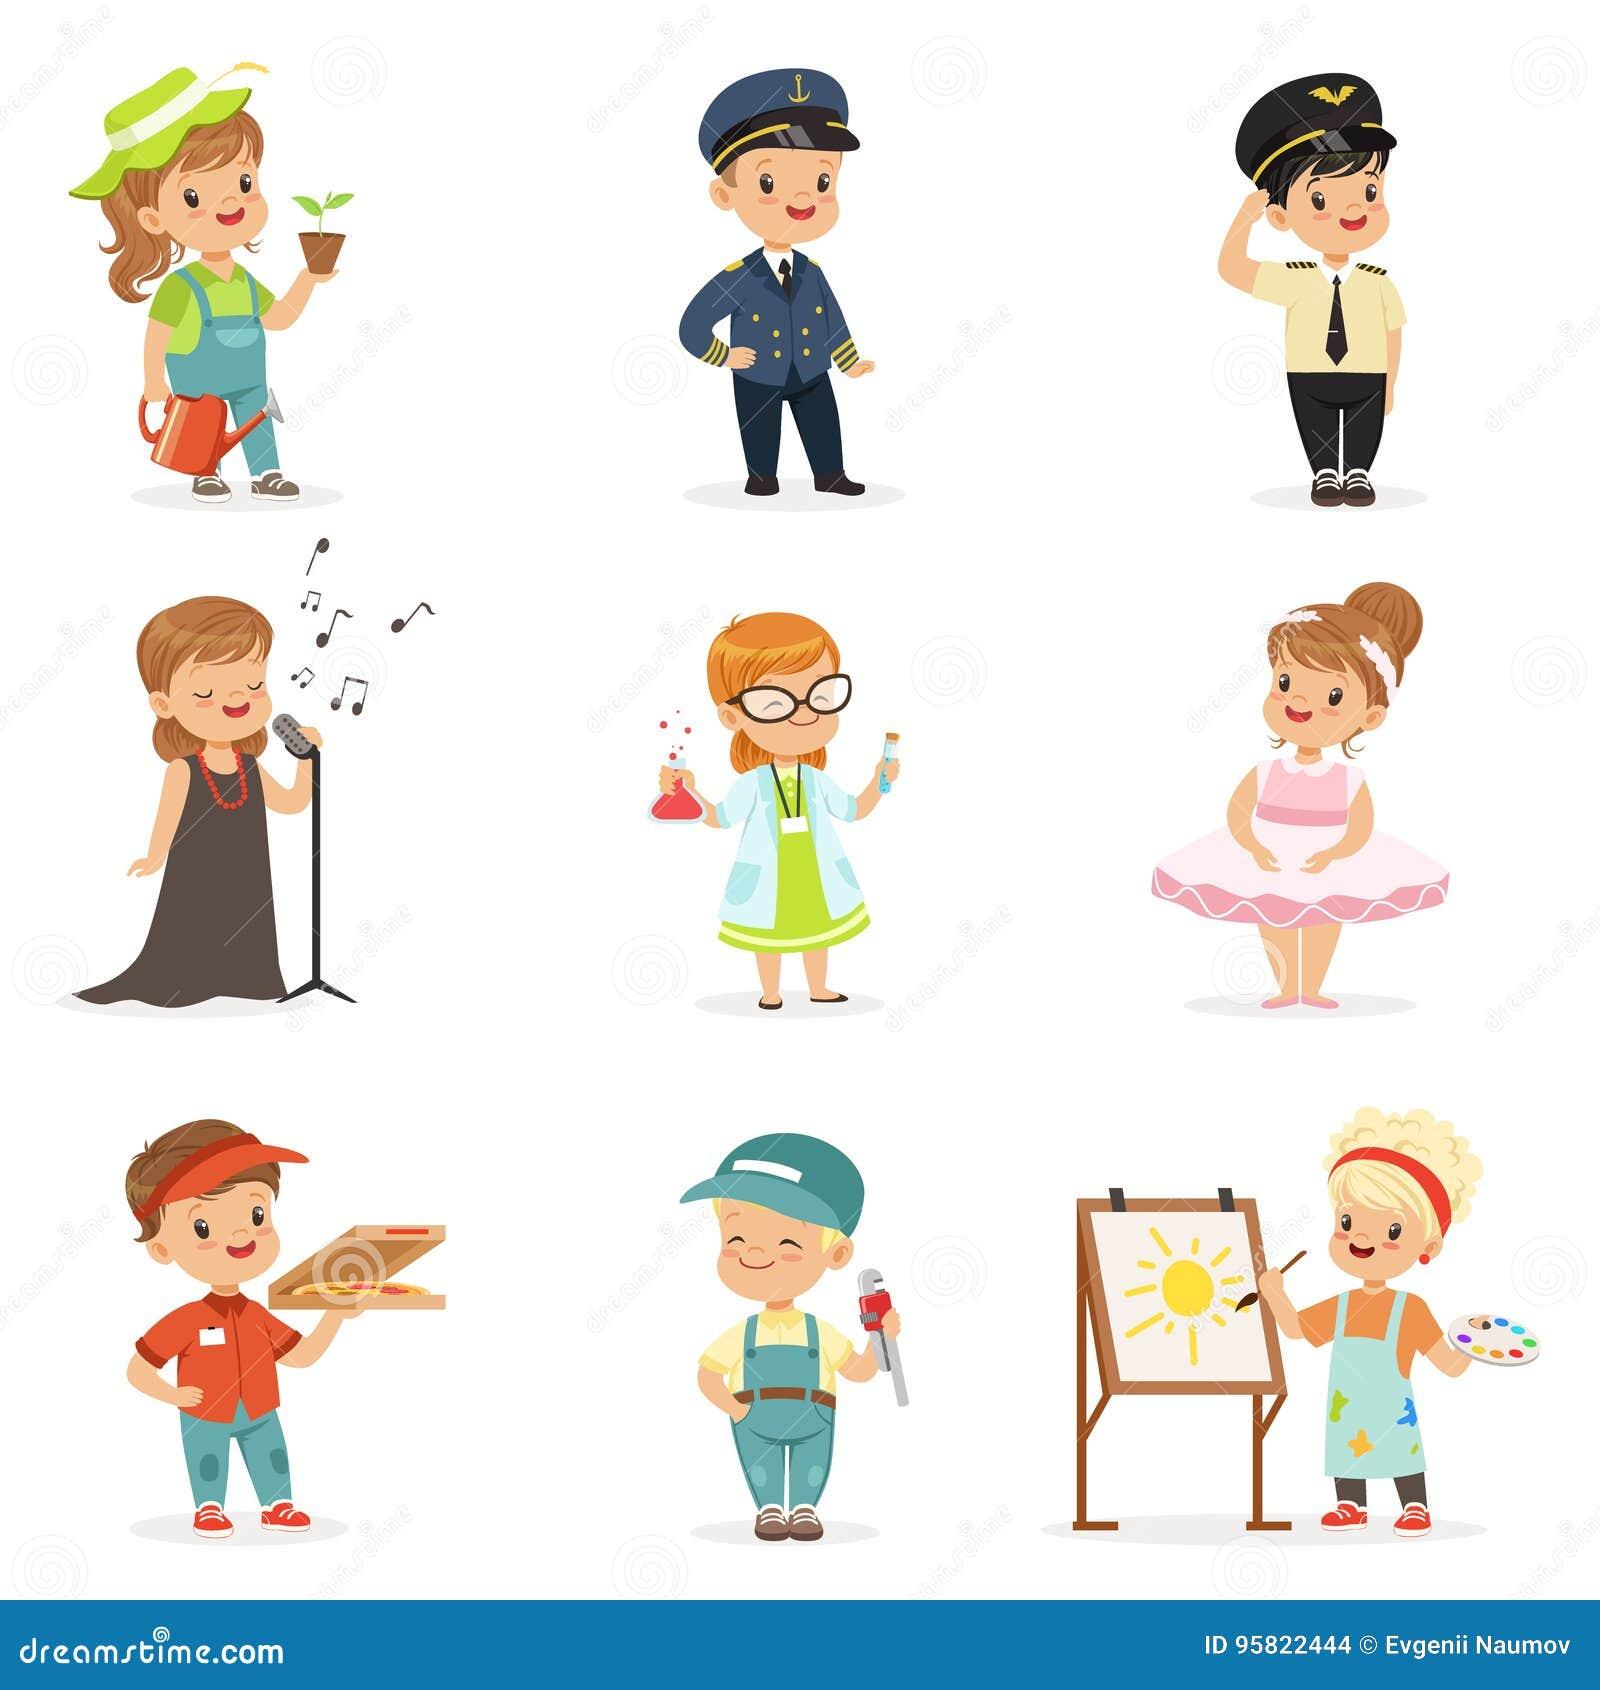 Χαριτωμένα παιδιά στα διάφορα επαγγέλματα καθορισμένα Χαμογελώντας μικρά παιδιά και κορίτσια σε ομοιόμορφο με τον επαγγελματικό ε